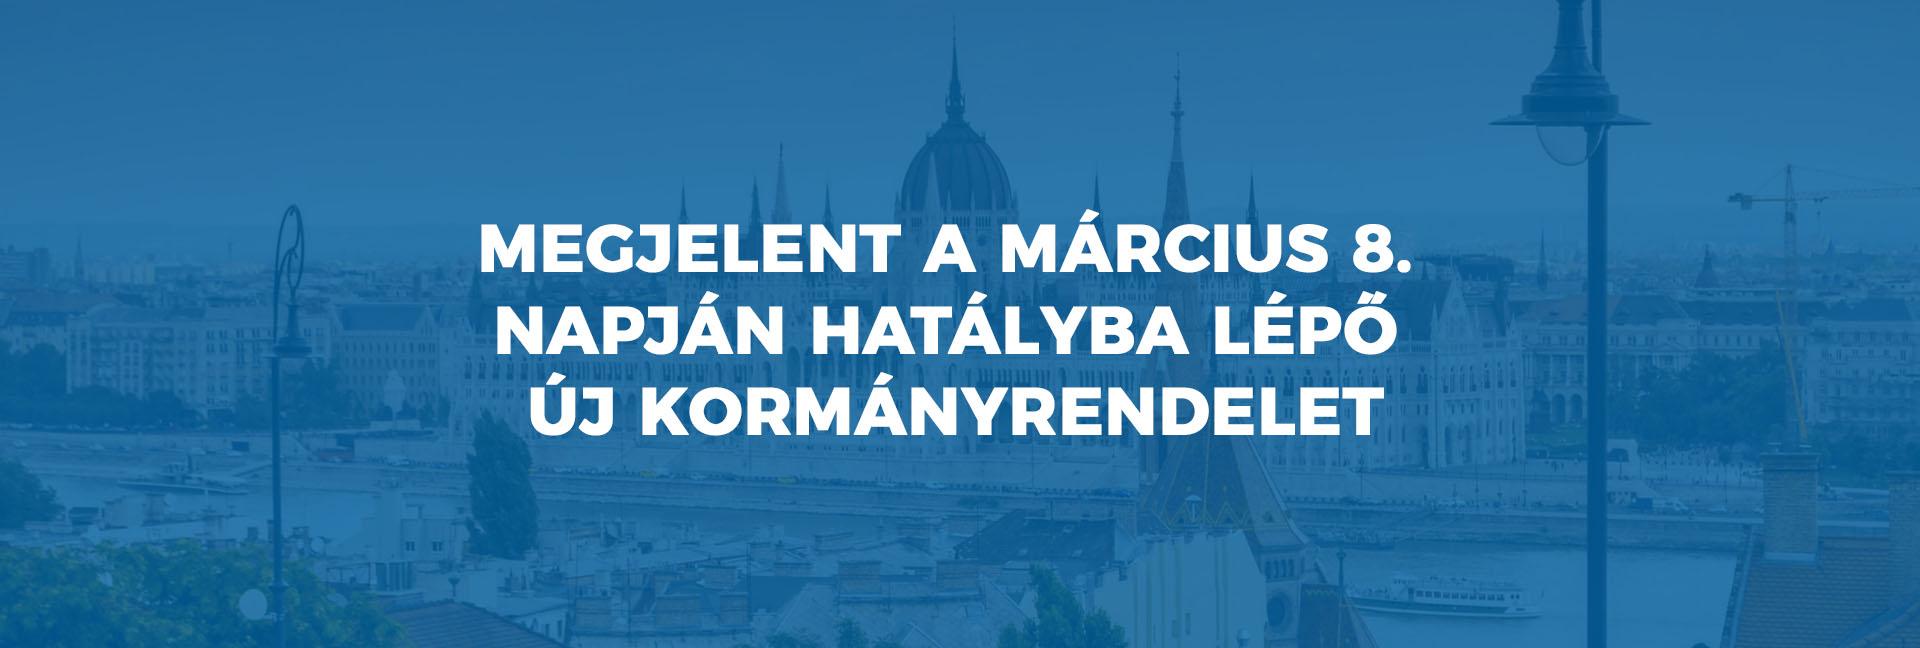 Megjelent a március 8. napján hatályba lépő új kormányrendelet